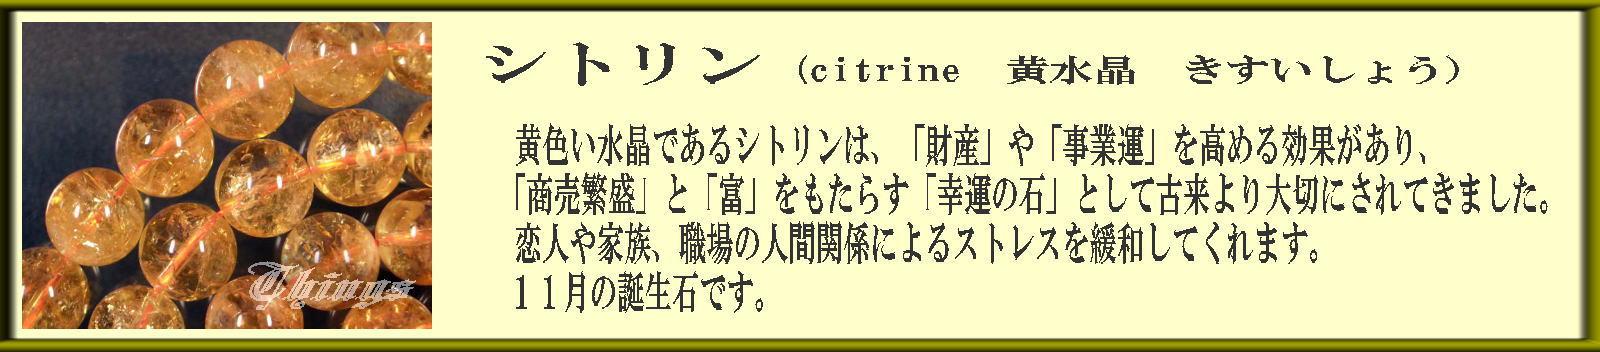 ◆シトリン citrine 黄オニキス きすいしょう◆